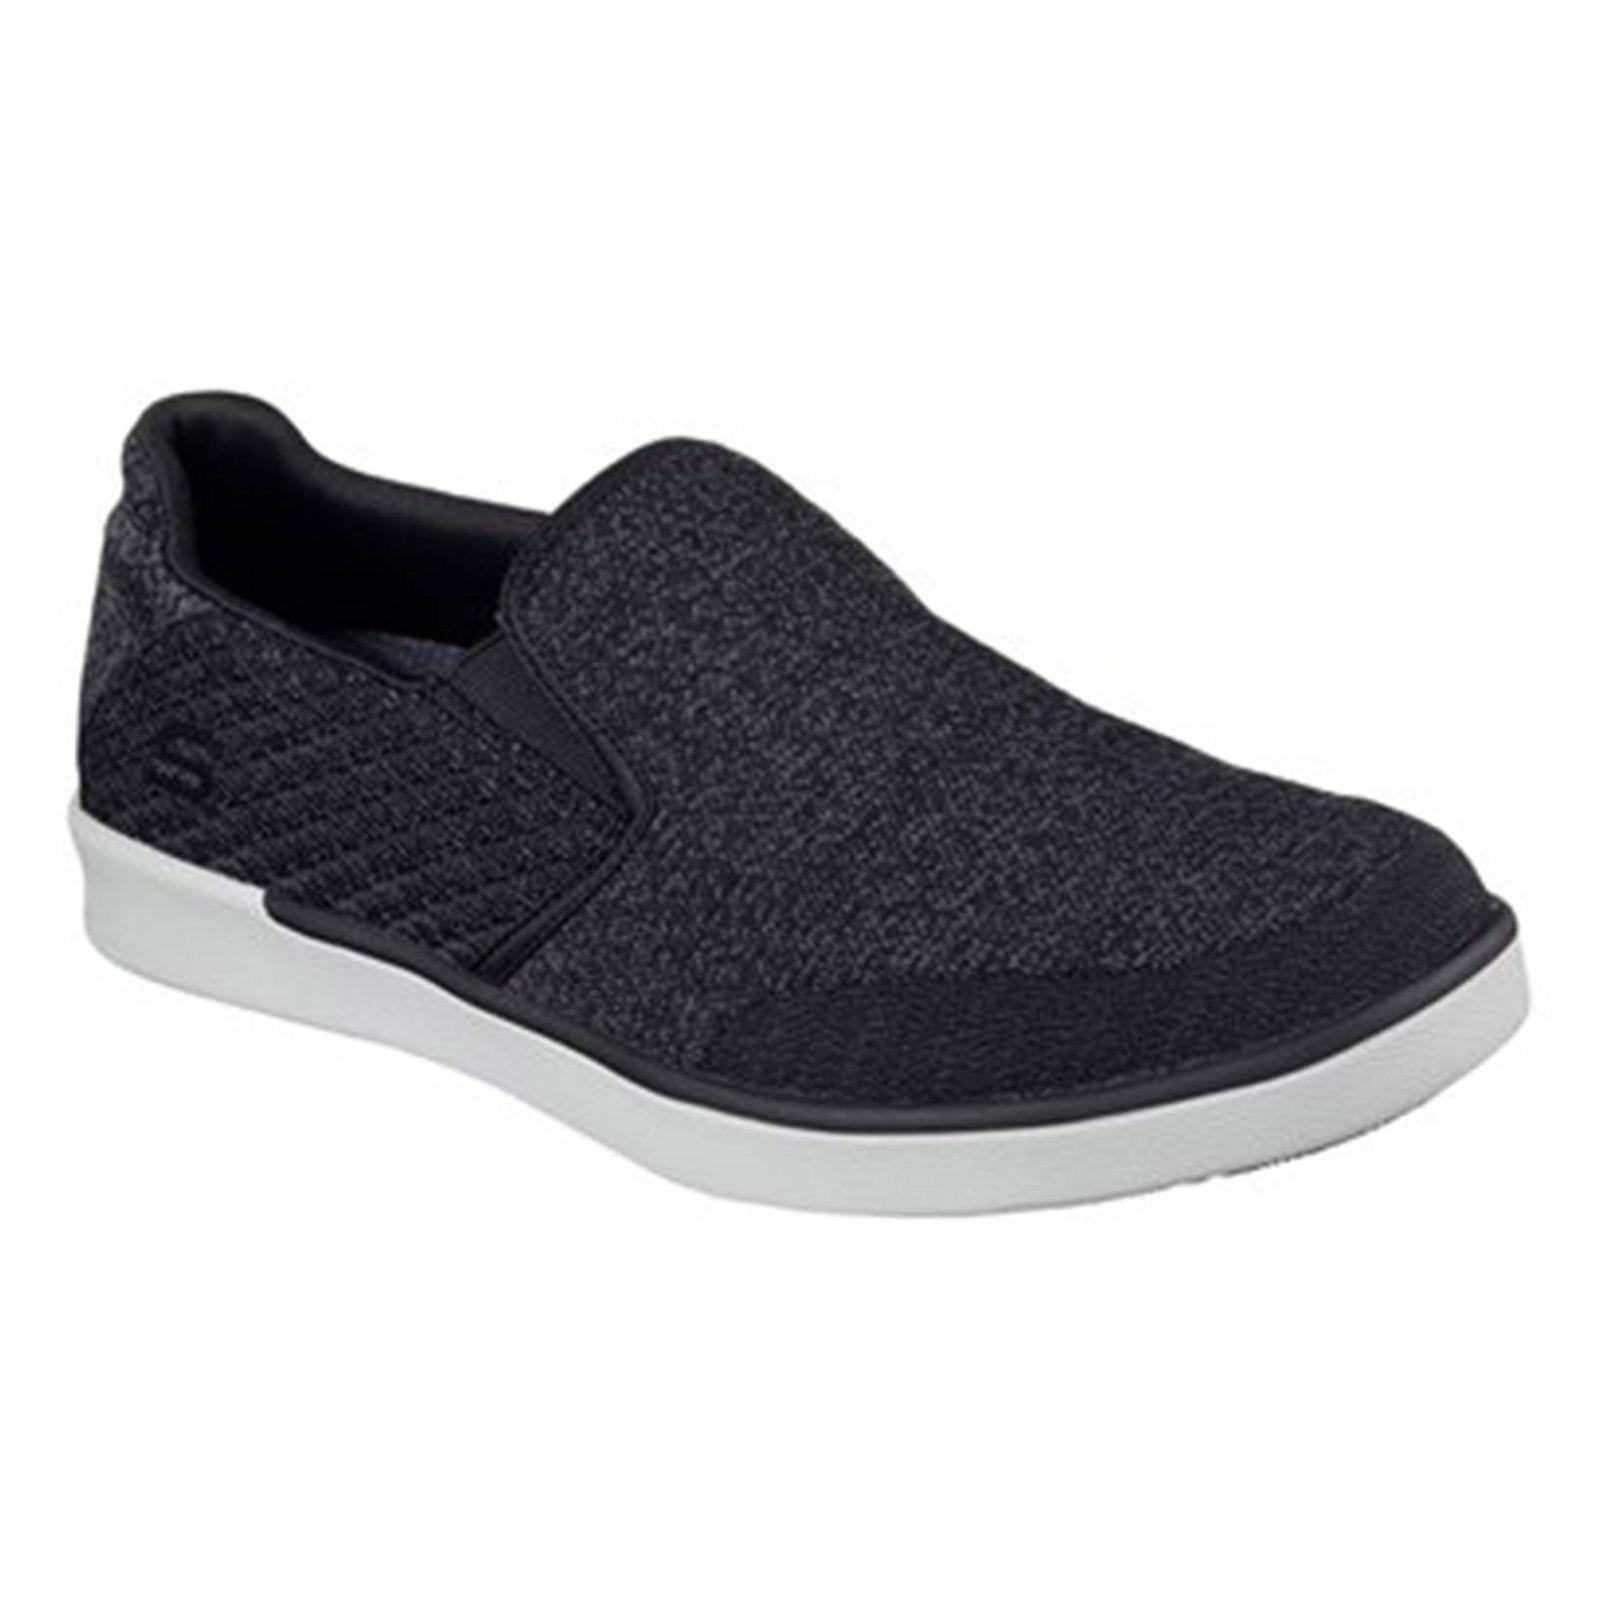 کفش راحتی پارچه ای مردانه Boyar Meber - اسکچرز - مشکي - 4